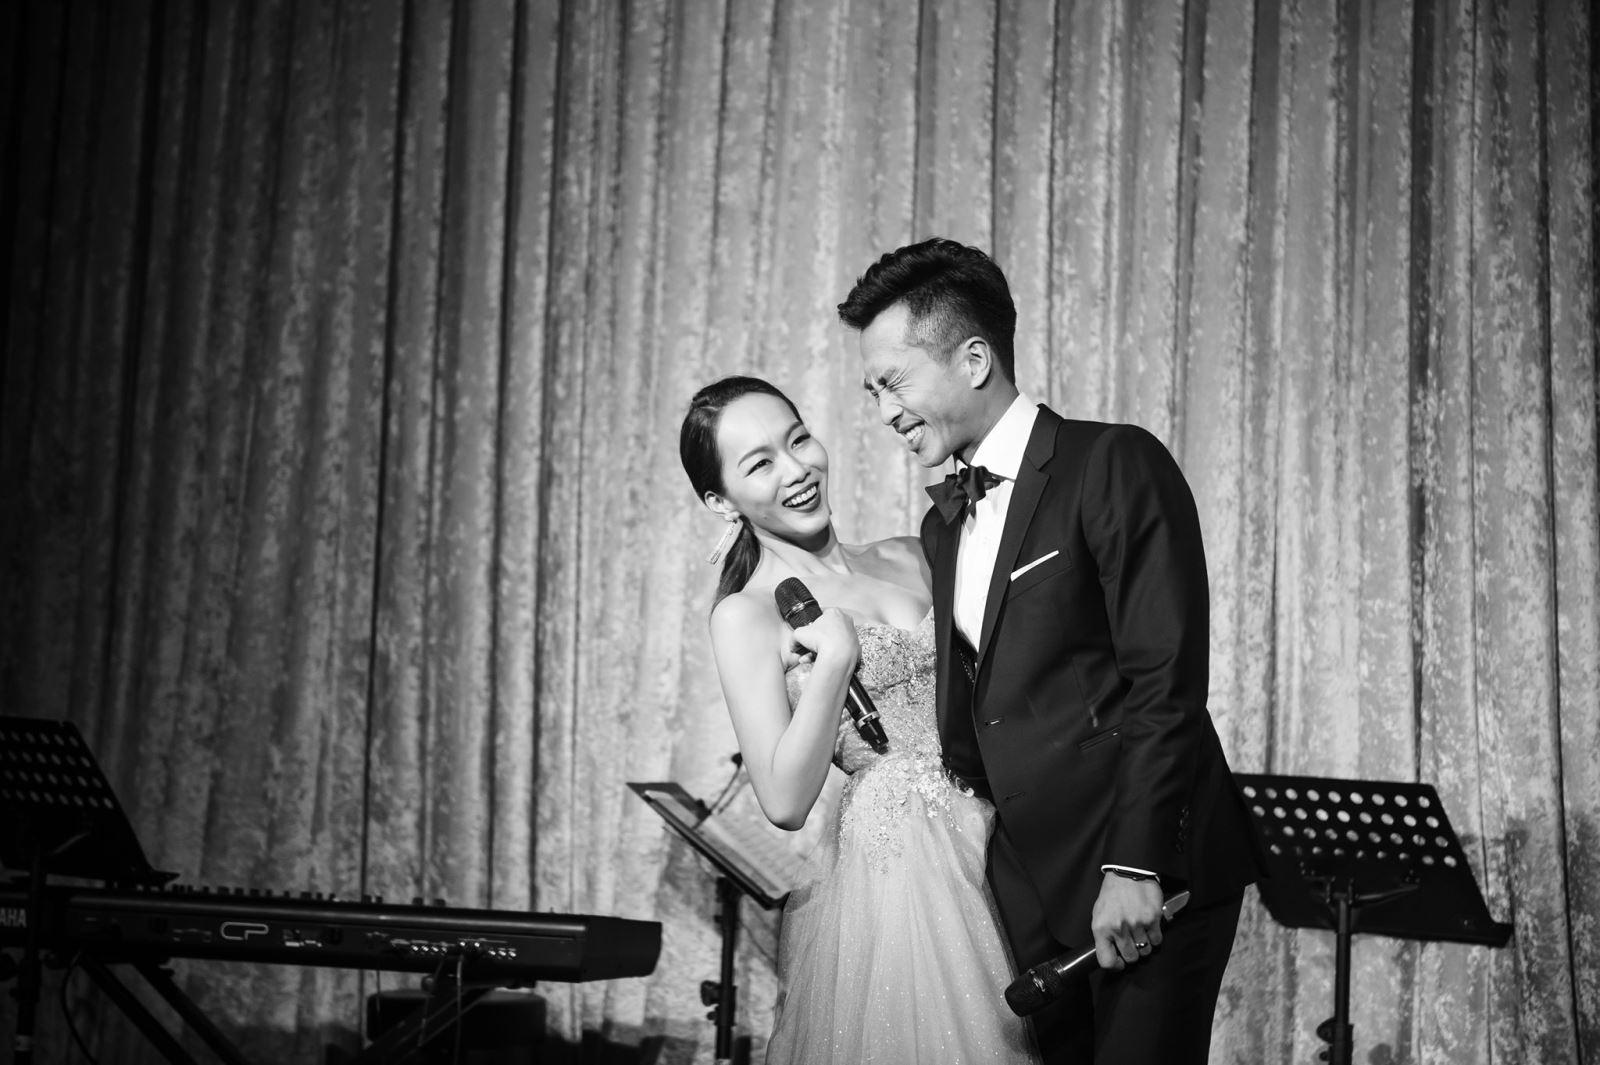 婚禮上情歌對唱,愛死妳